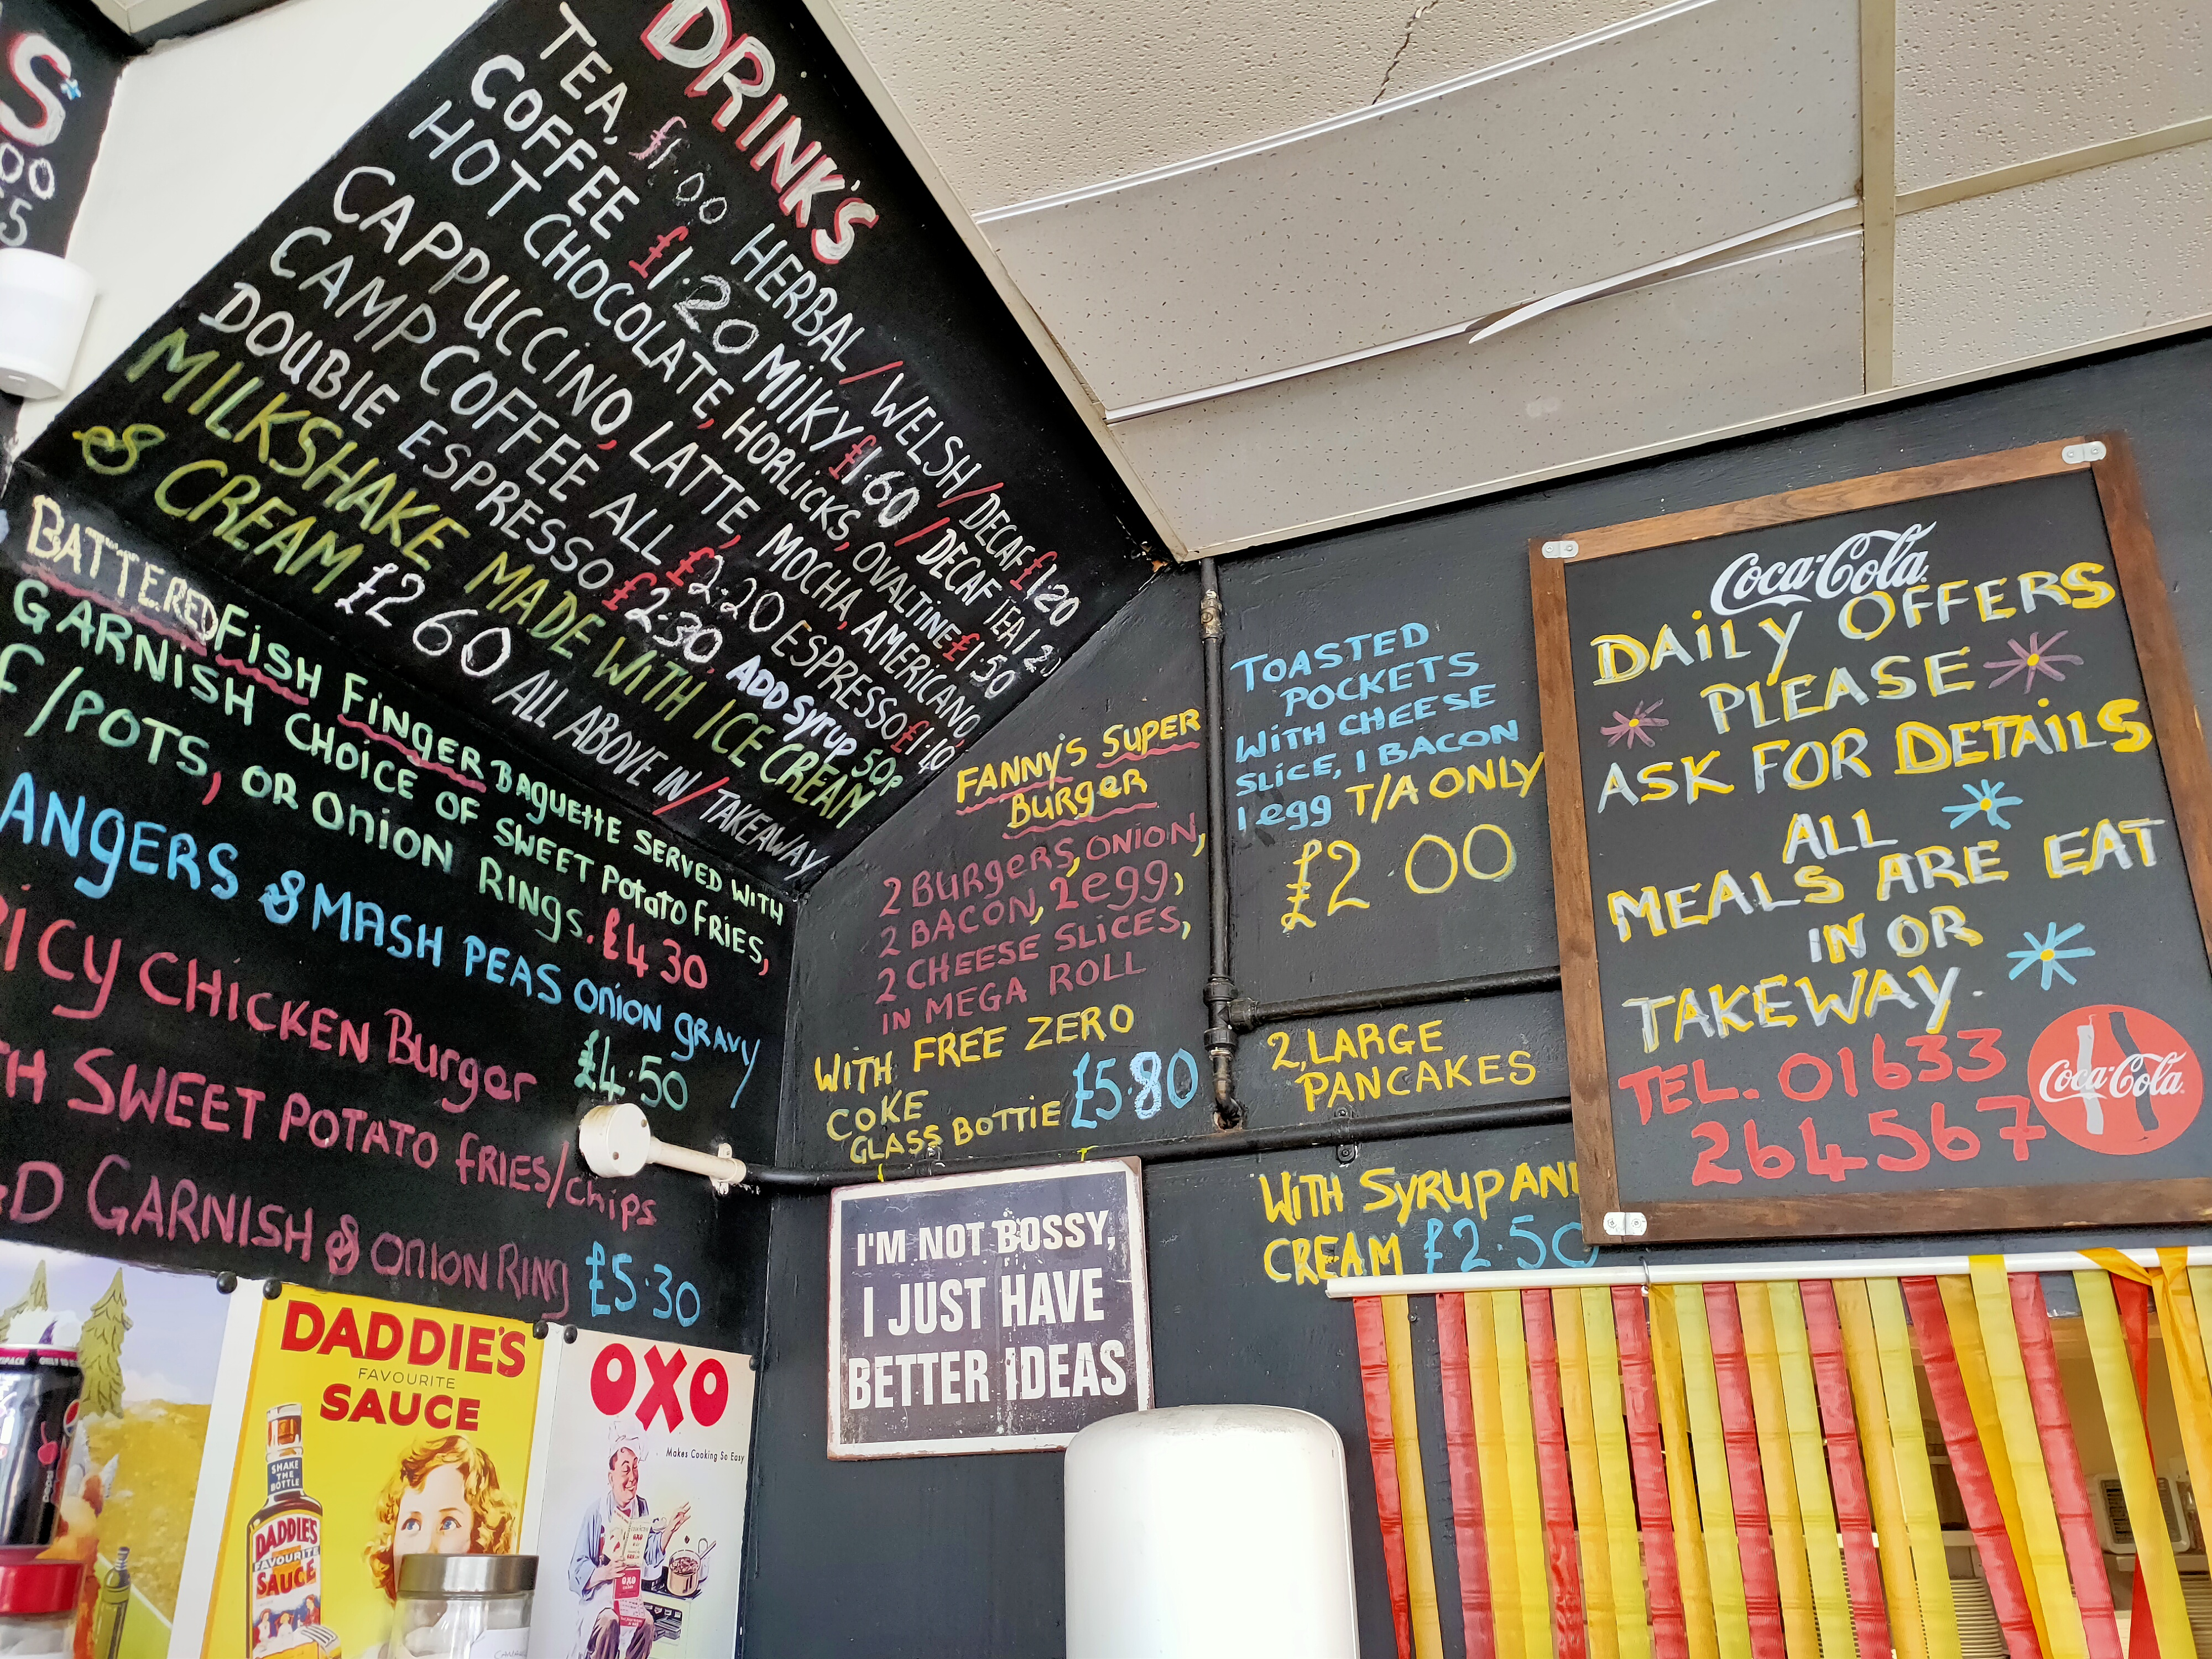 Fannys cafe menu 2